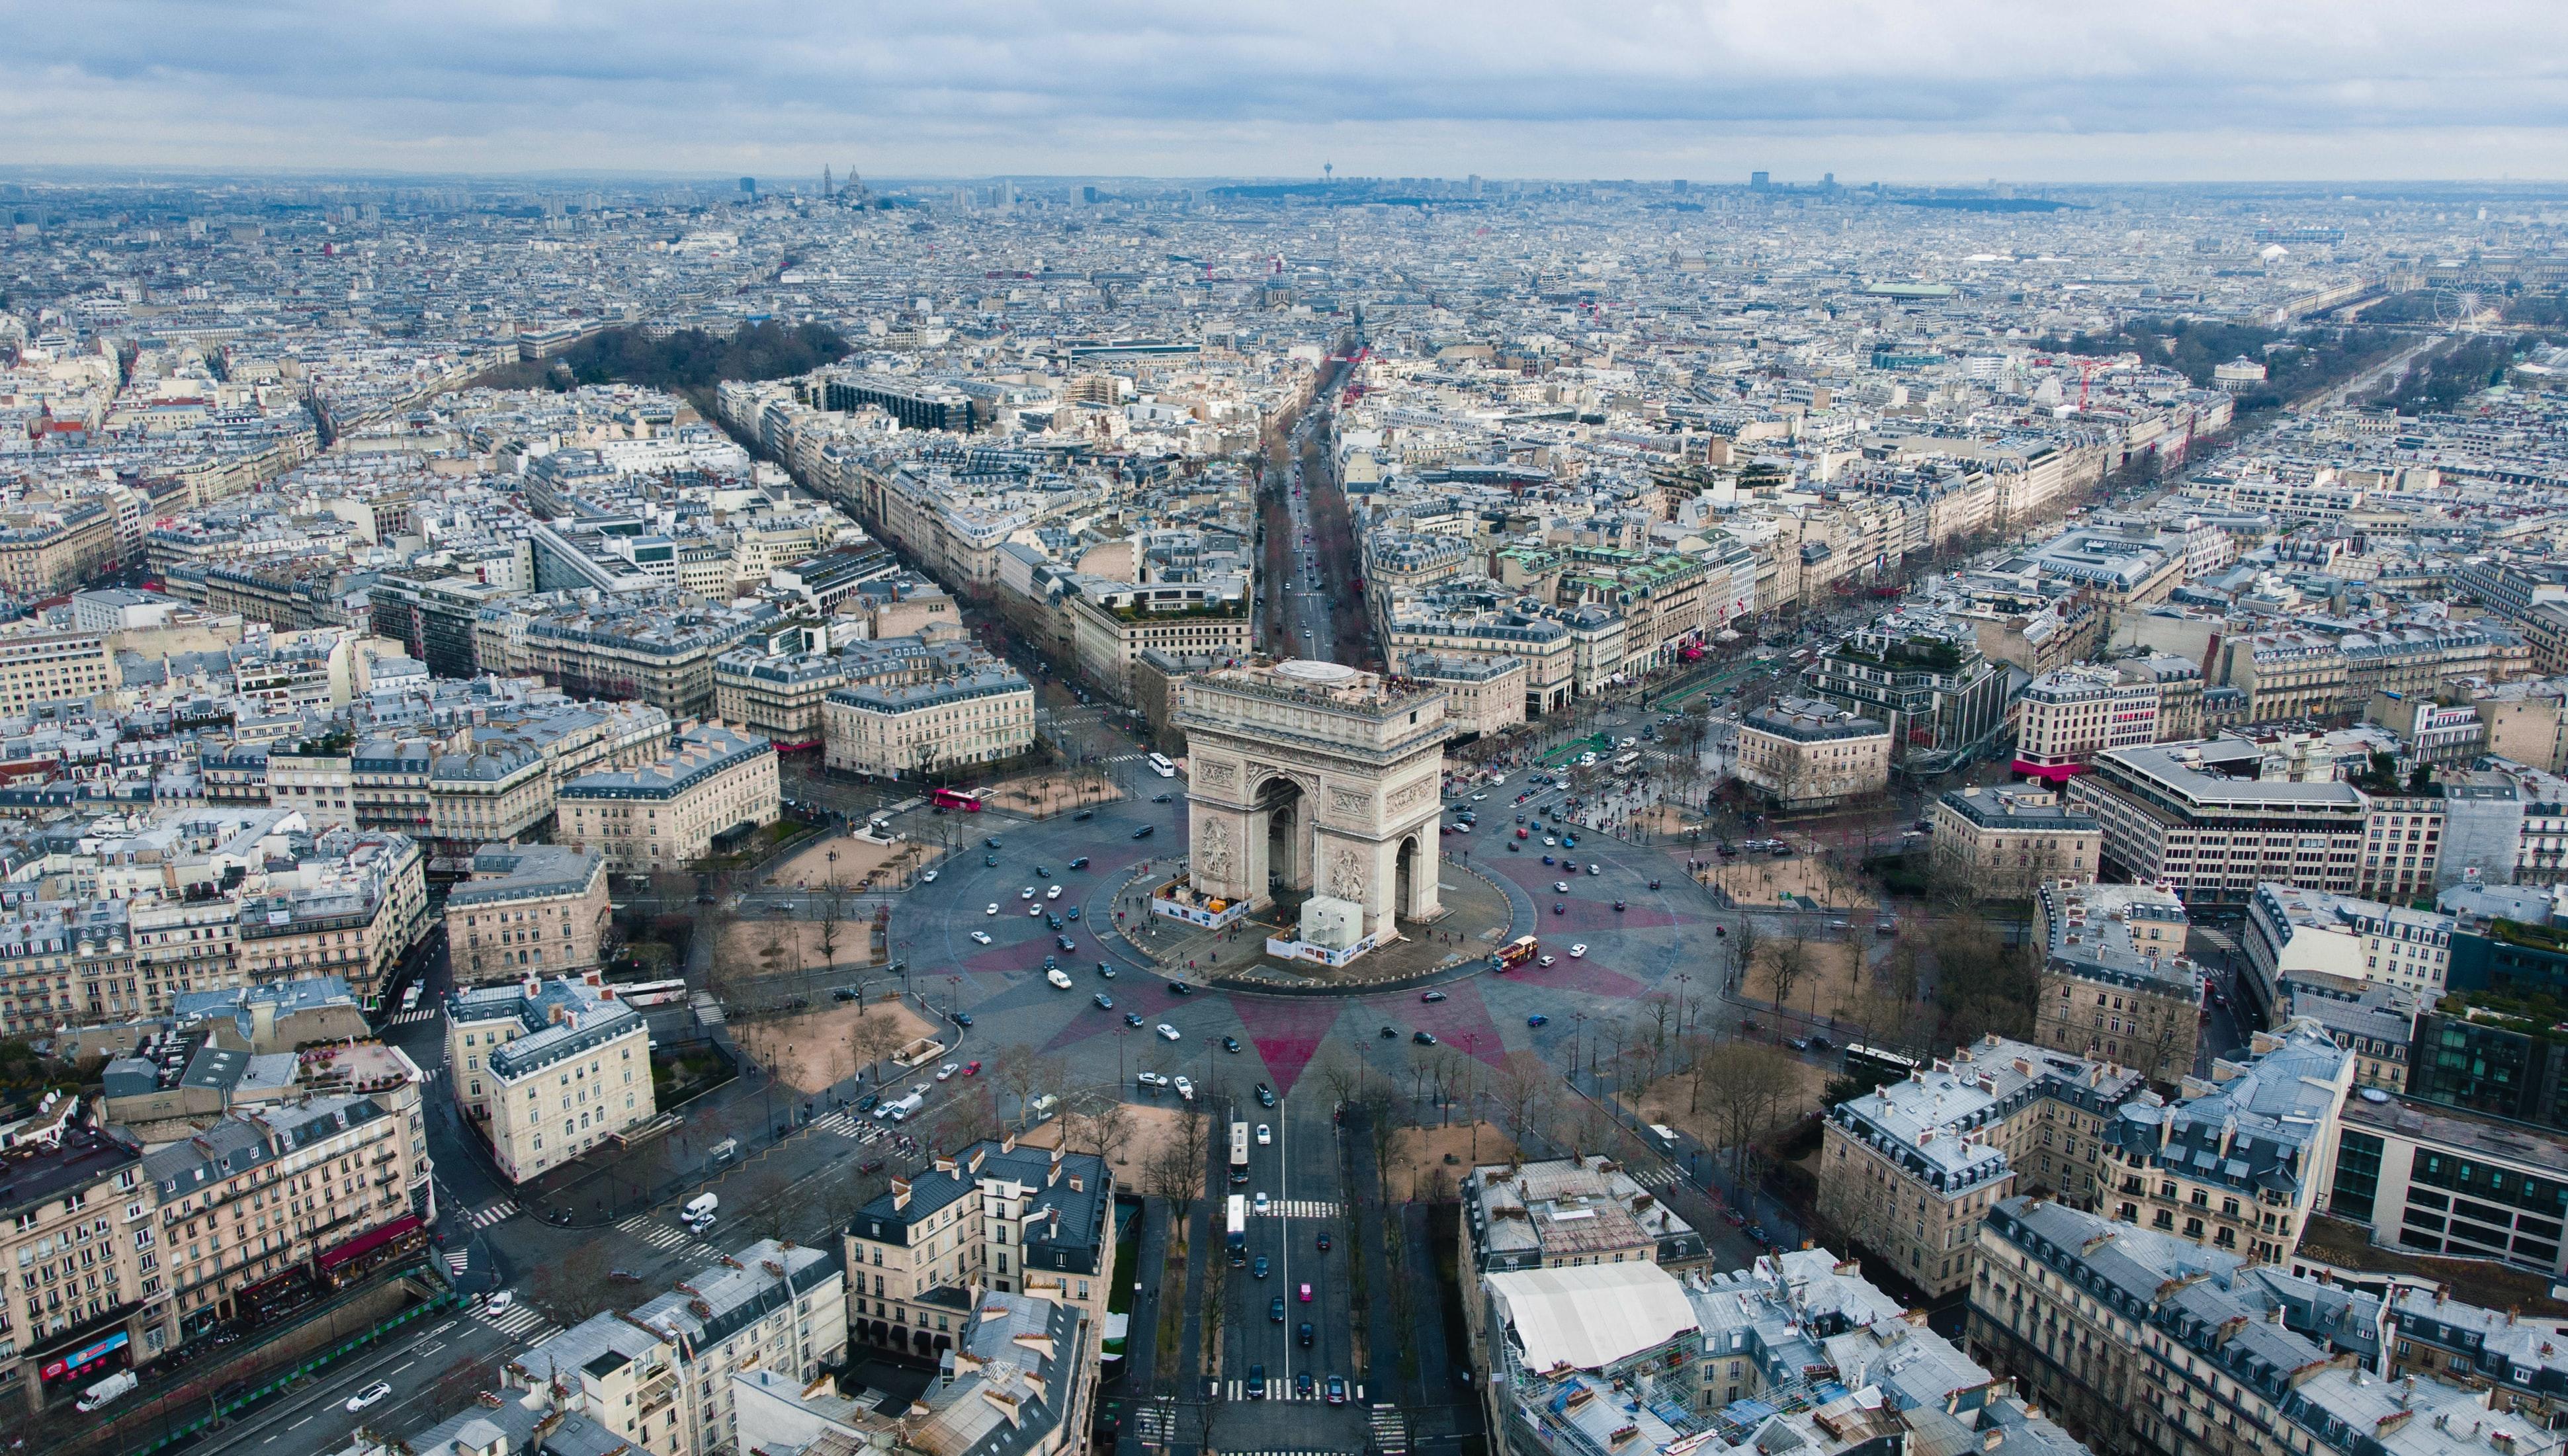 Arc de triomphe, 15 romantic places to visit in Paris